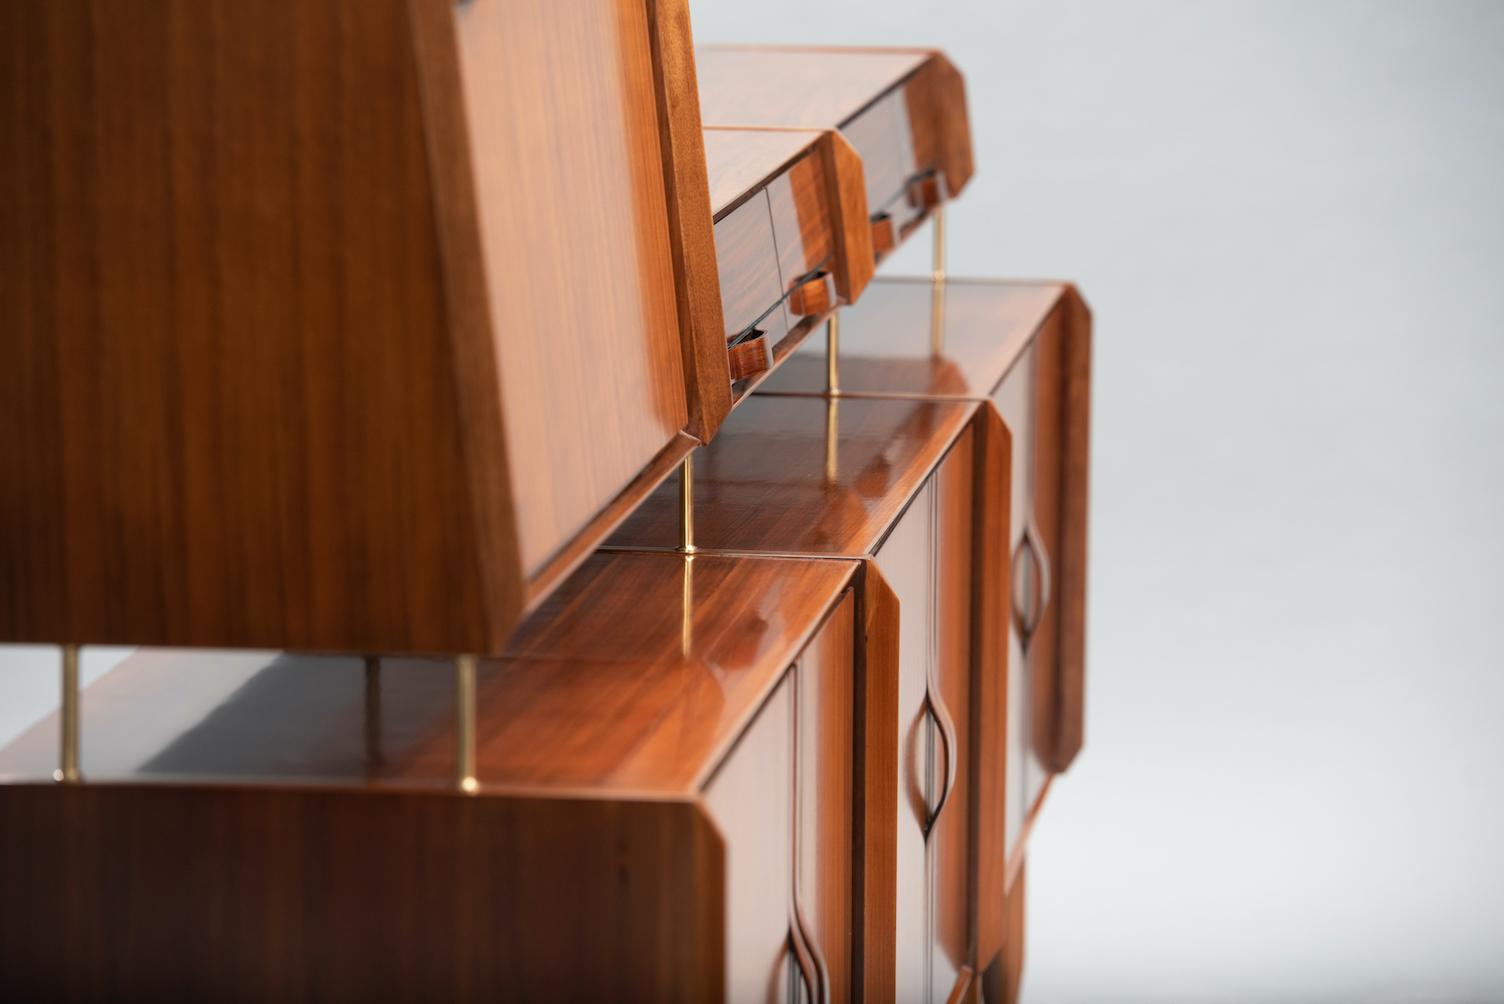 vittorio dassi walnut sideboard | 11